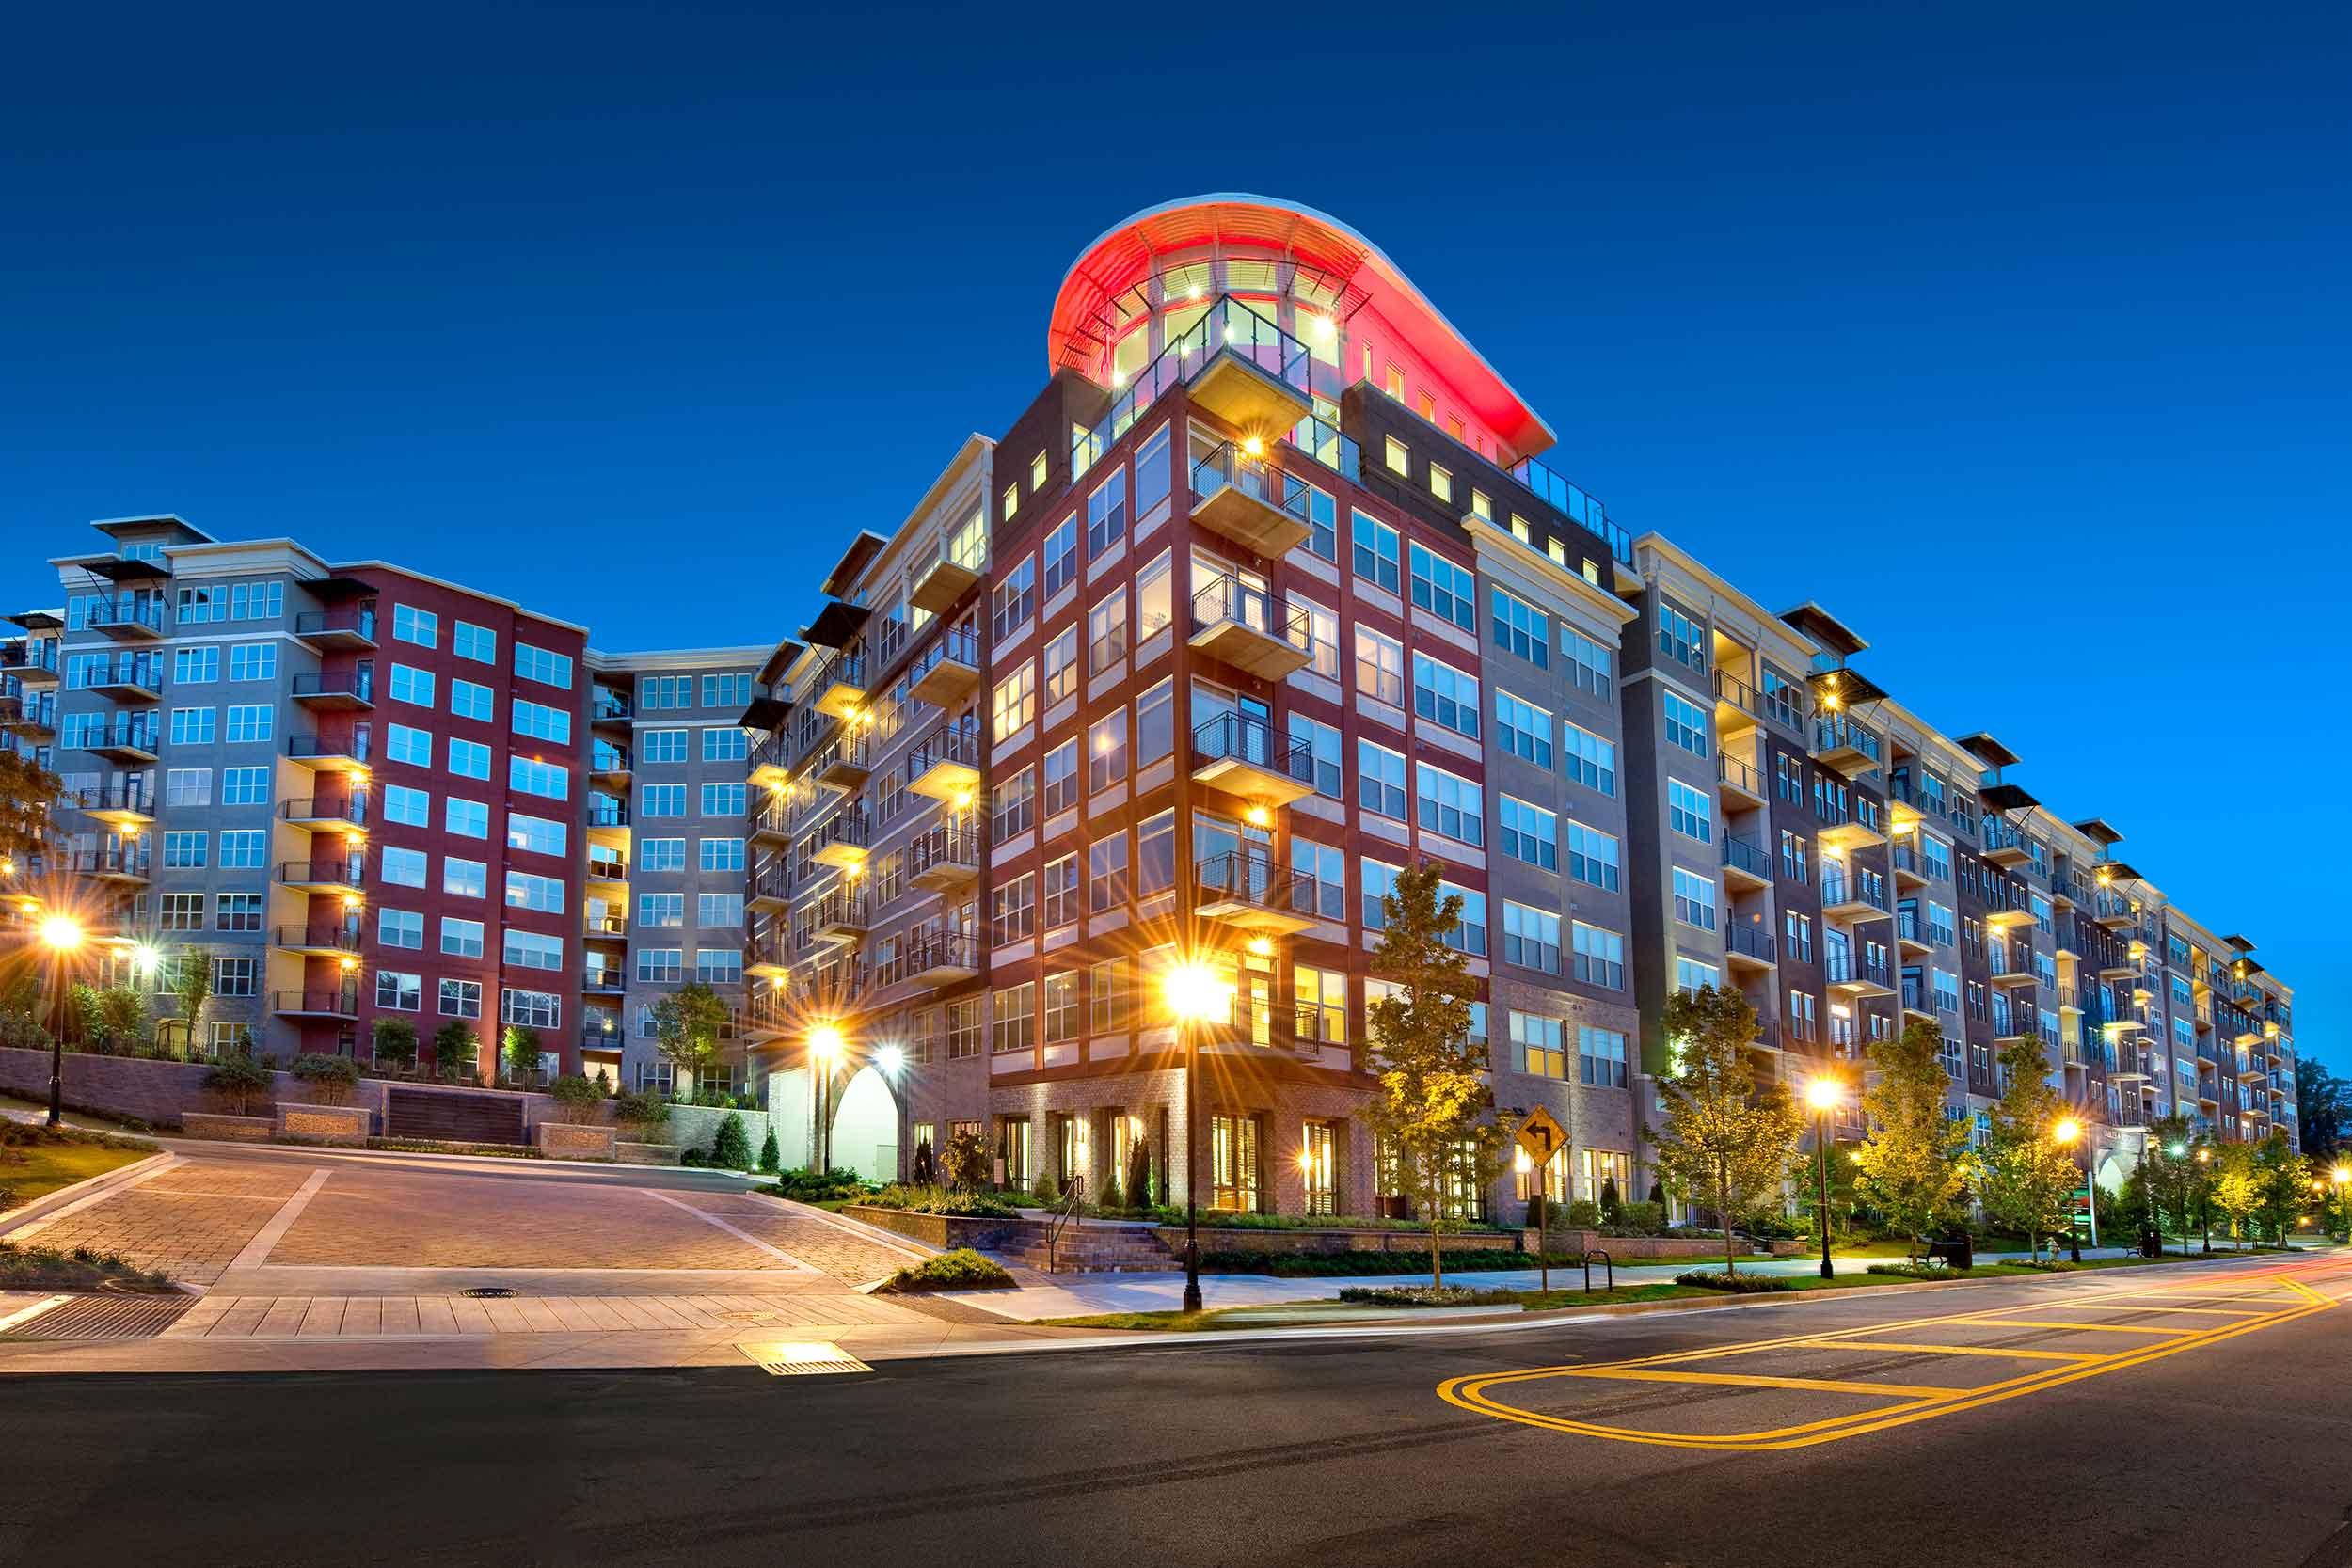 GablesMidtown_Building-Eve.jpg